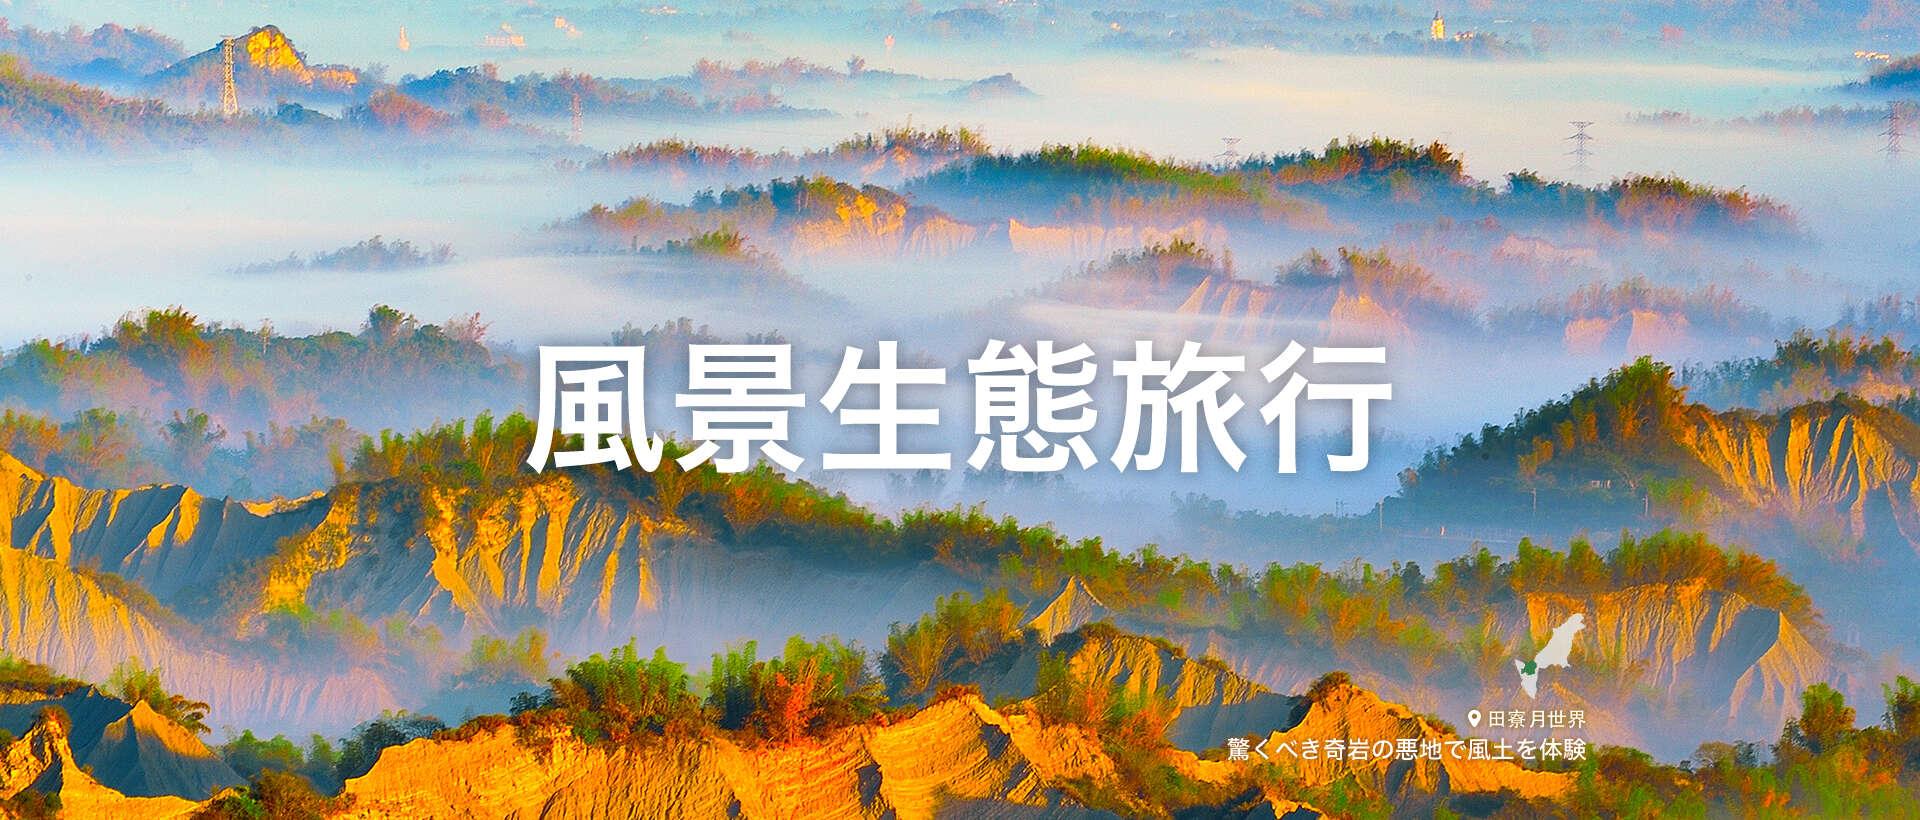 風景生態 旅行